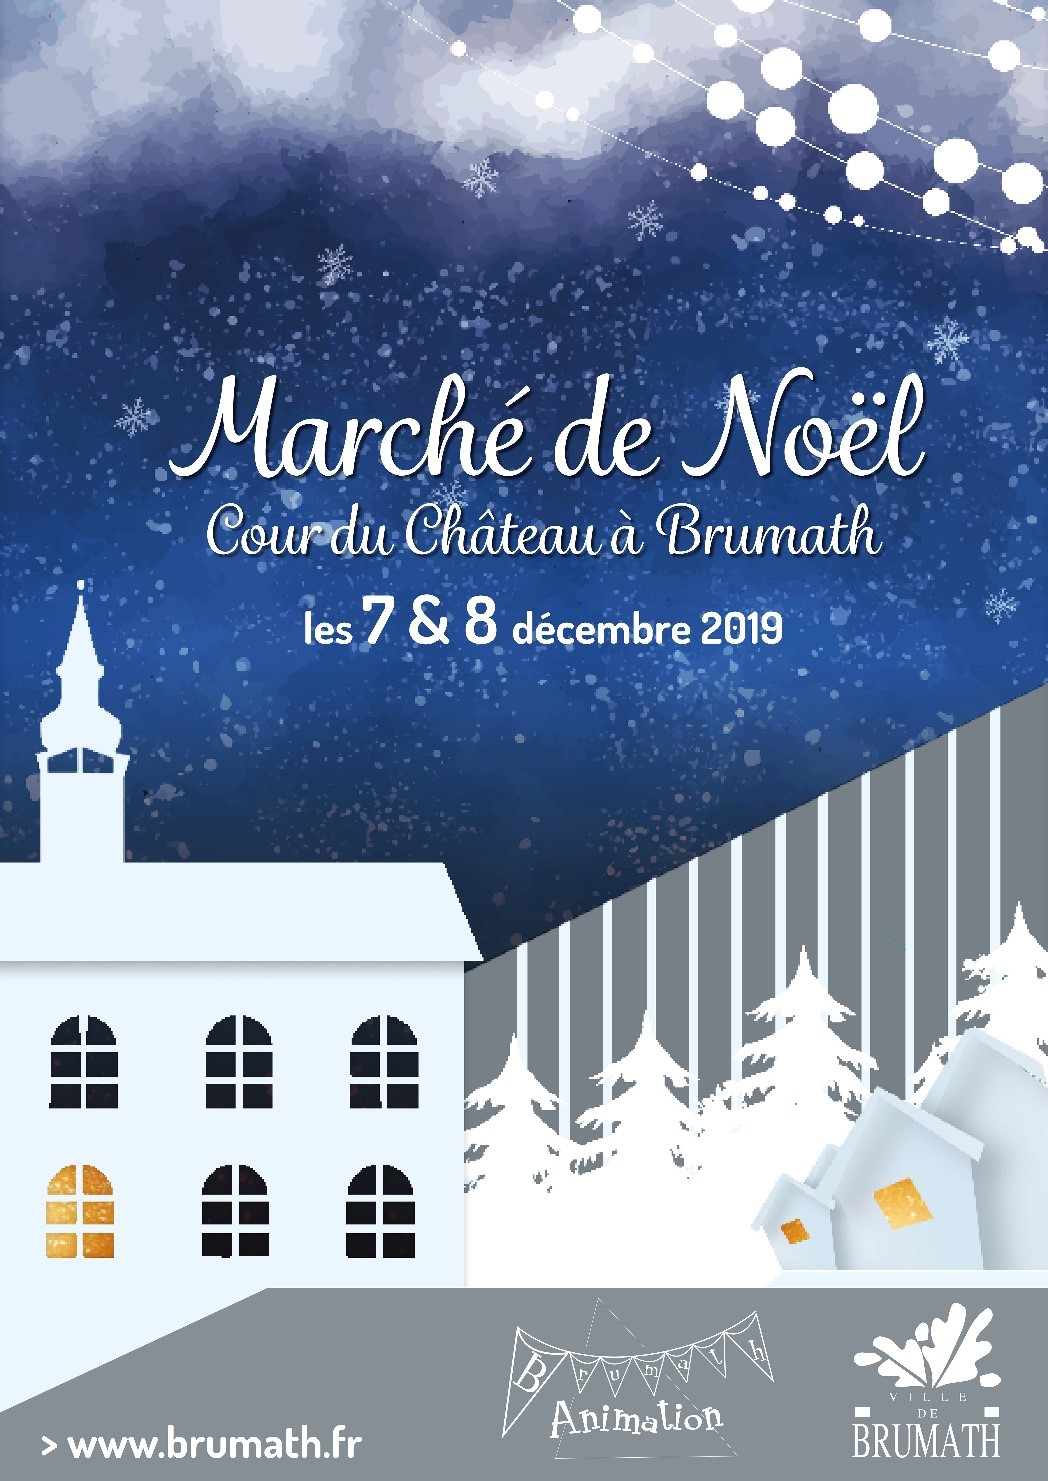 Marché de Noël à Brumath